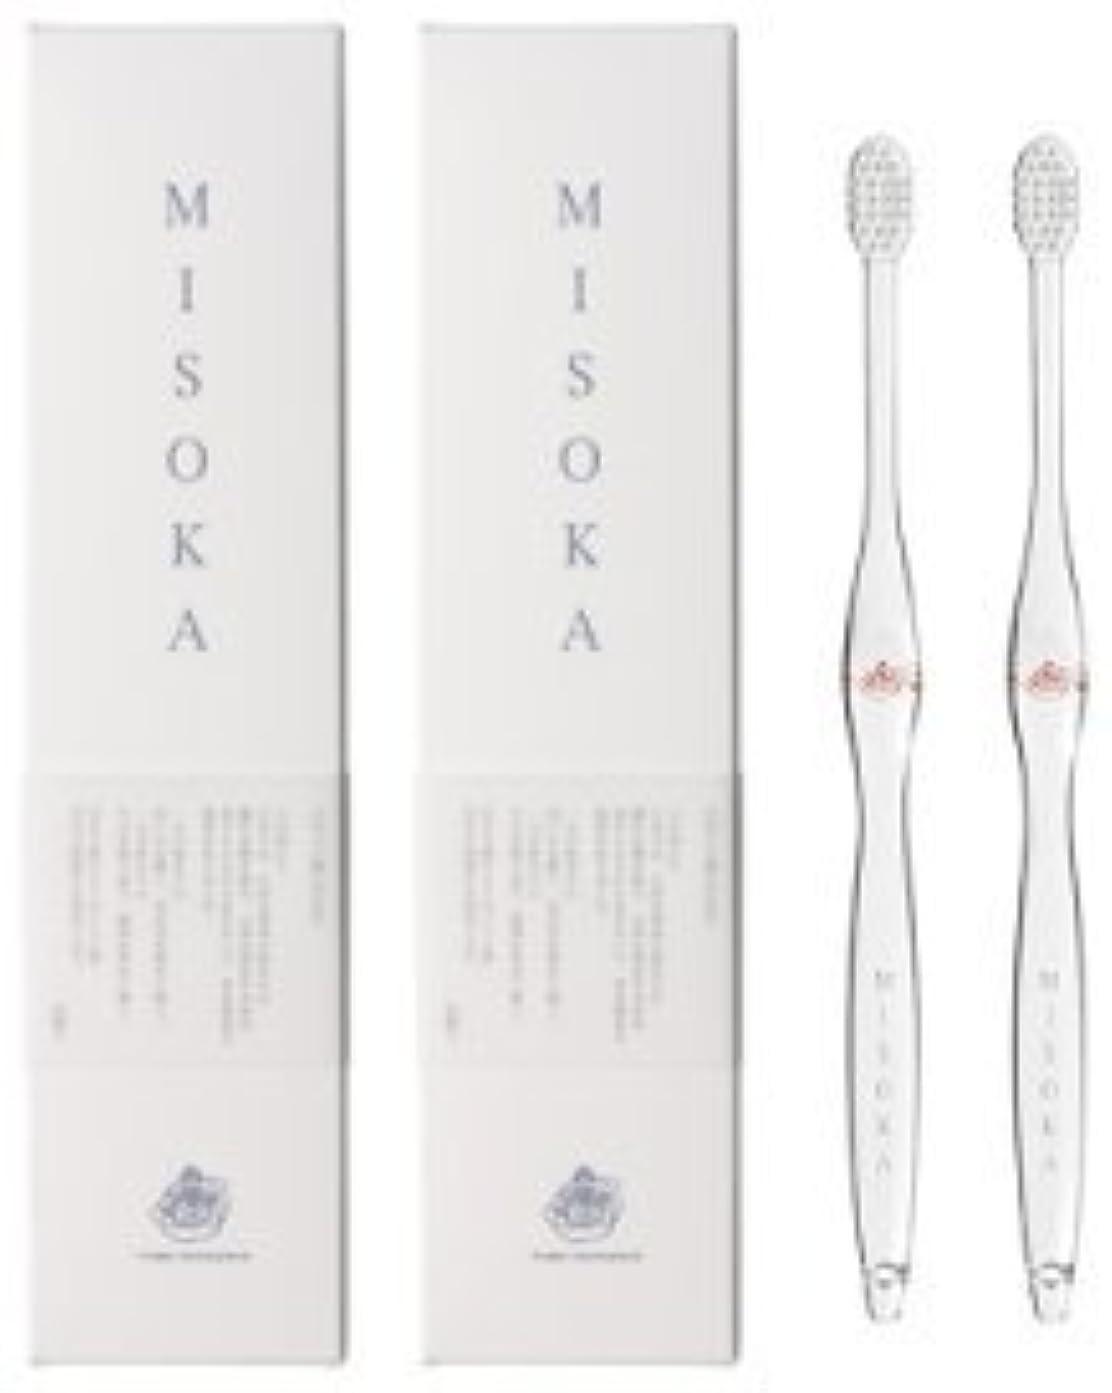 深遠真面目なトンネルMISOKA(ミソカ) 歯ブラシ 朱色 2本セット